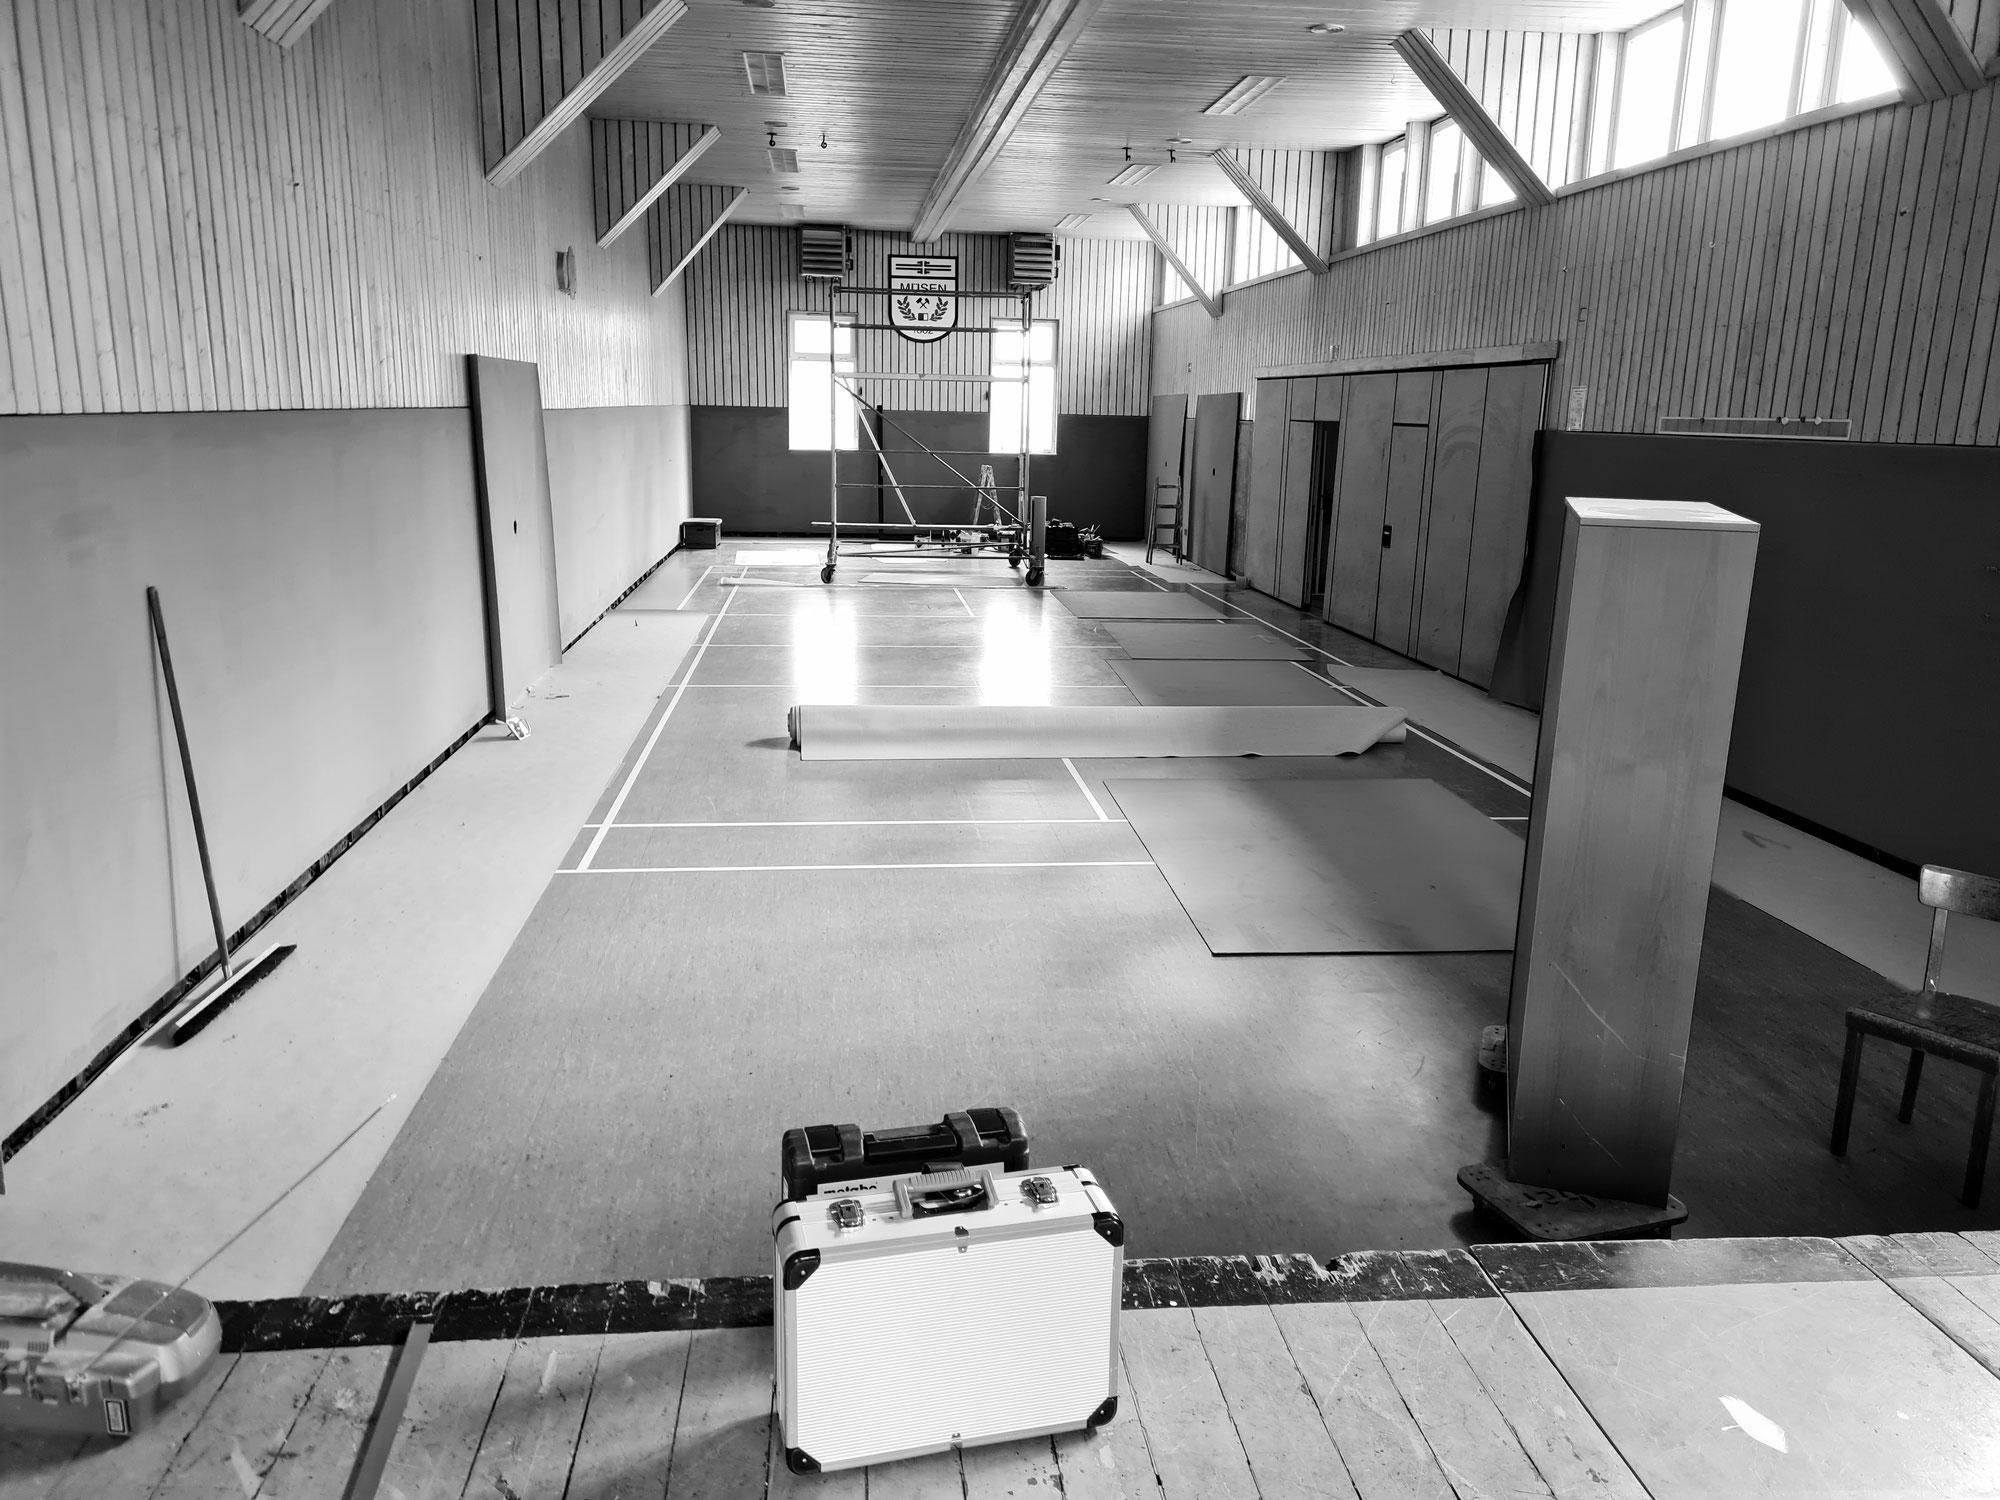 Moderne Sportstätte 2022 - Wir sind auf einem guten Weg!